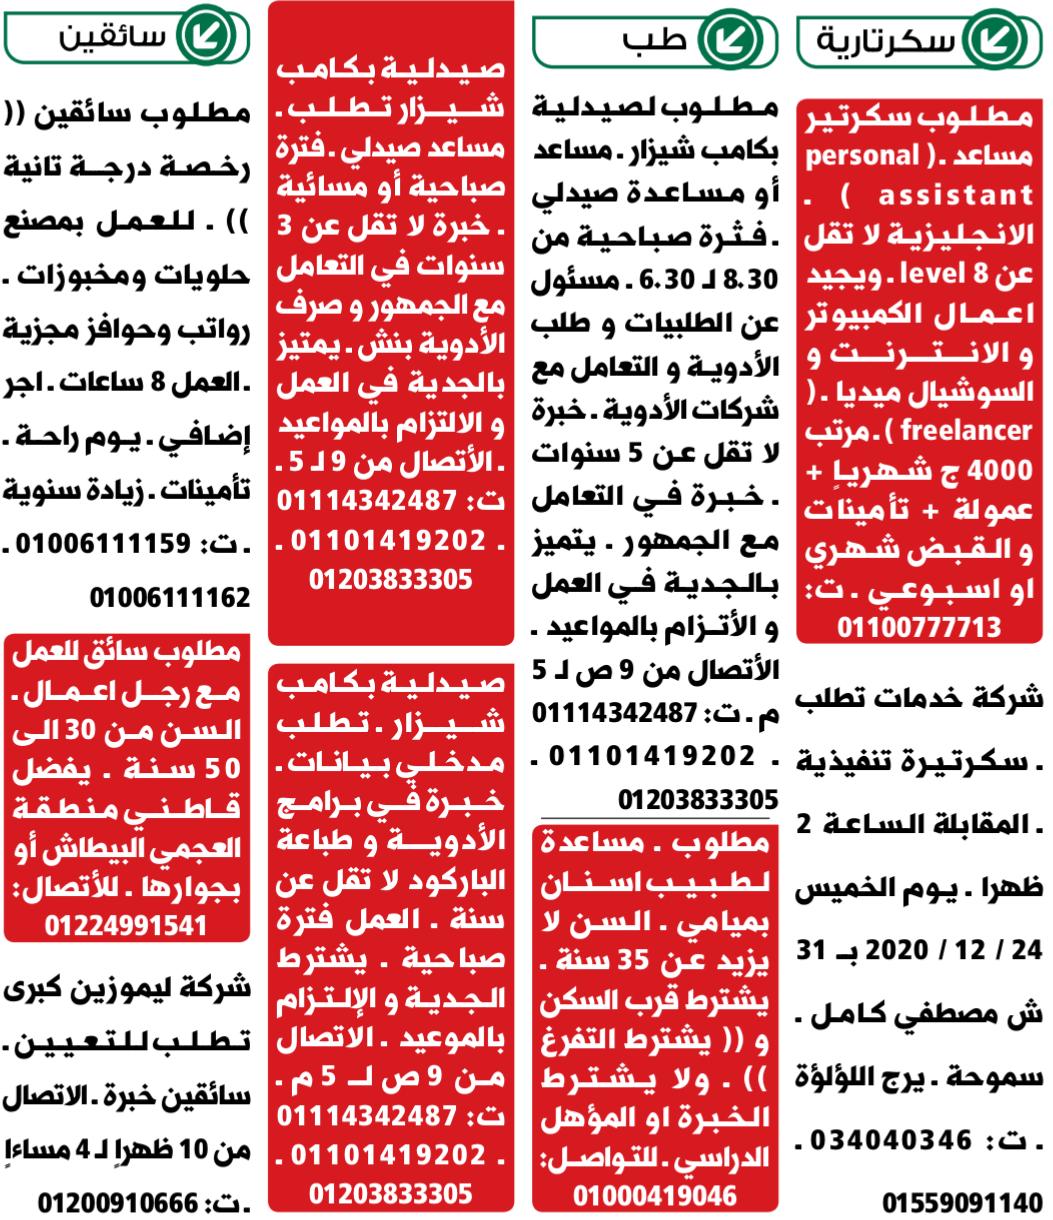 وظائف الوسيط اليوم 21/12/2020 نسخة الاسكندرية 4